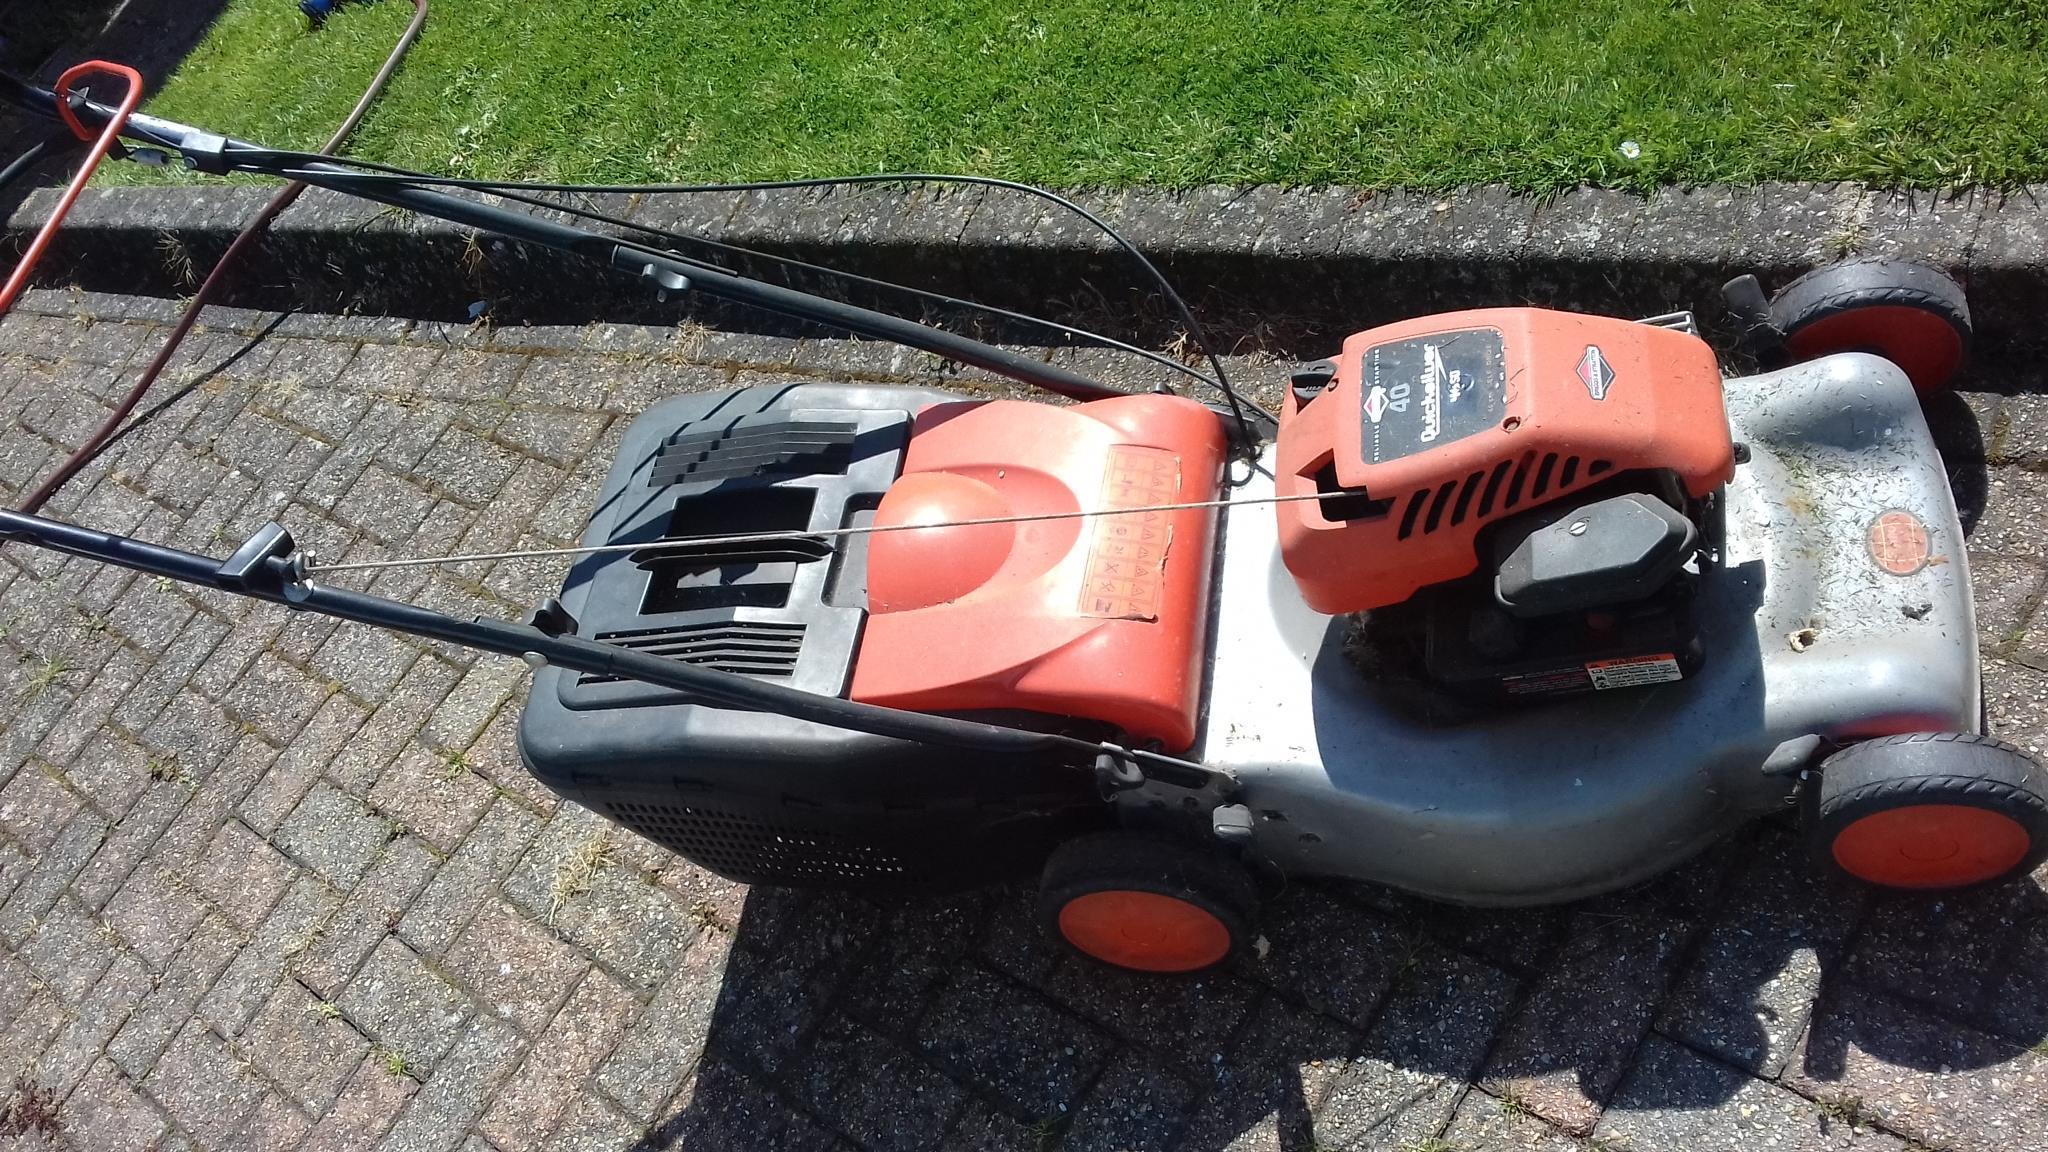 Flymo 40 lawn mower 46SD petrol